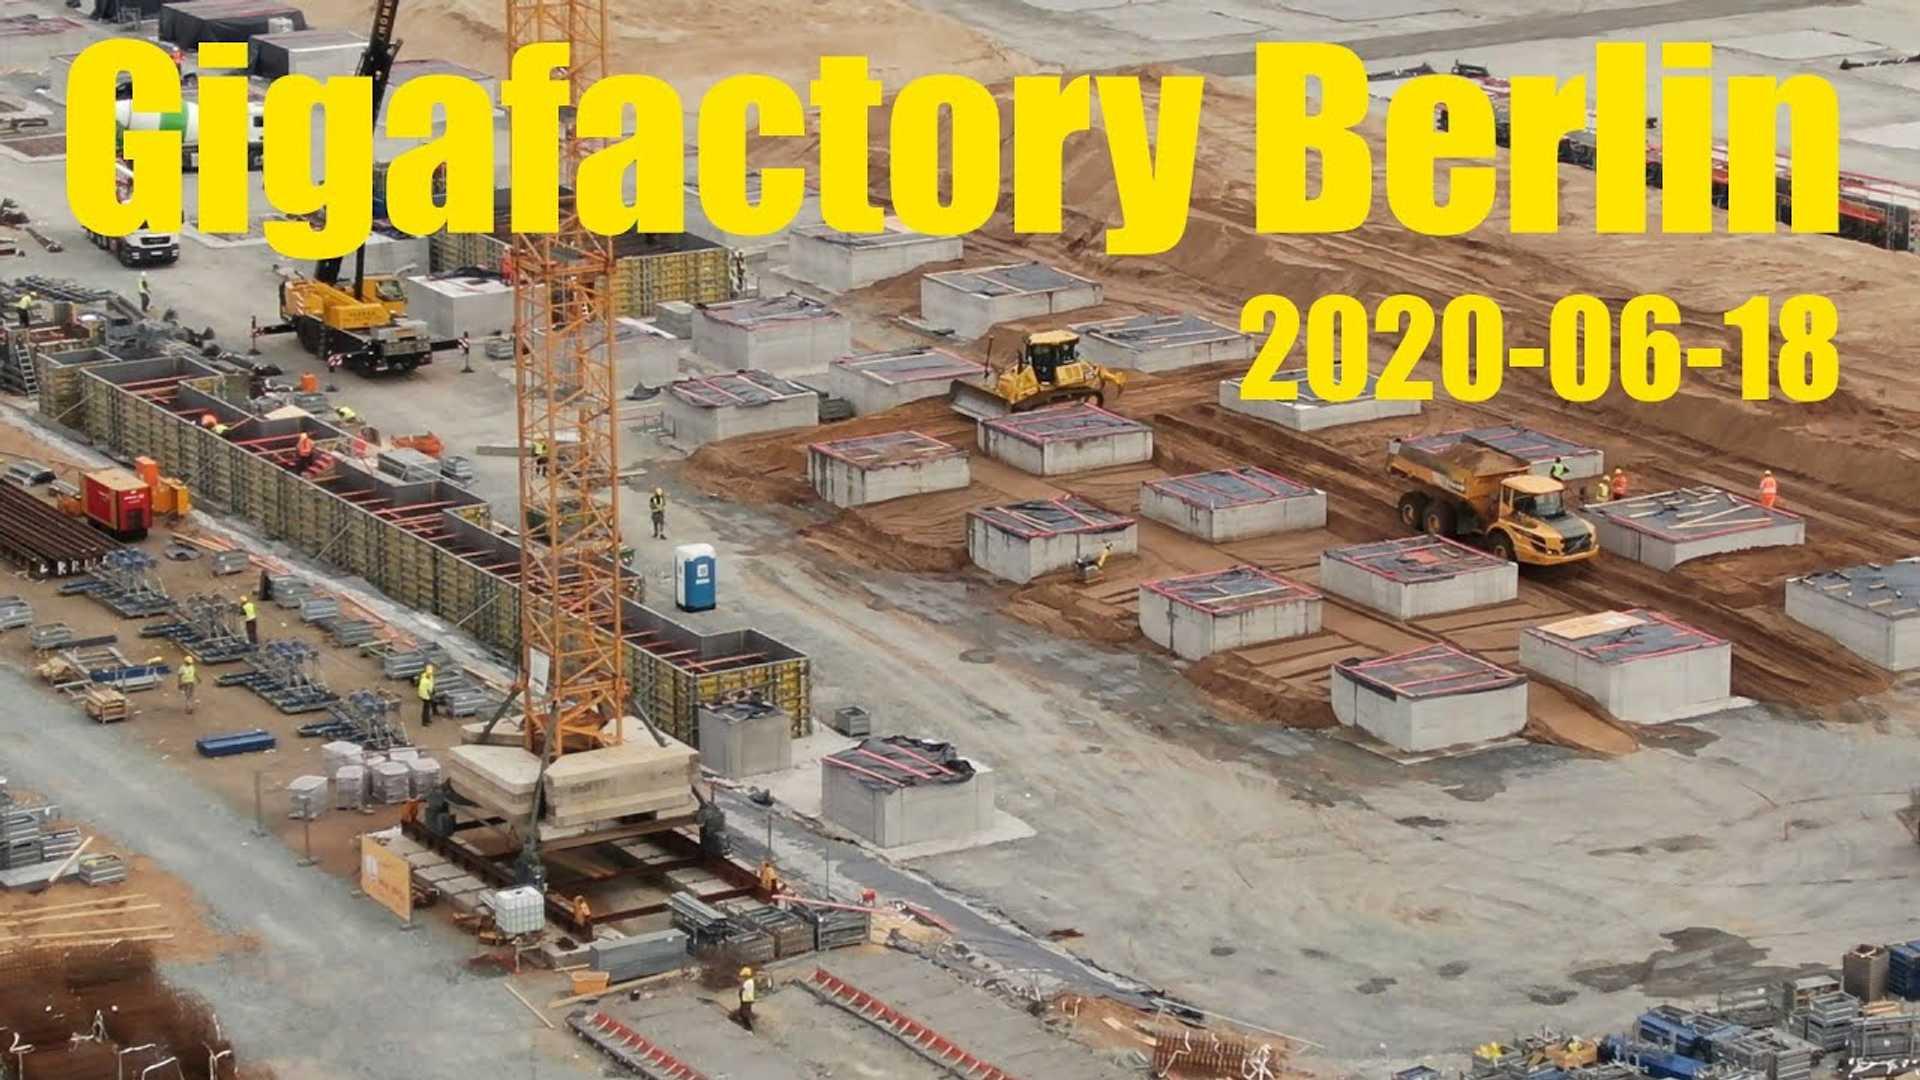 Тесла Гига Берлине Ход Строительства: 18 Июня 2020 Года